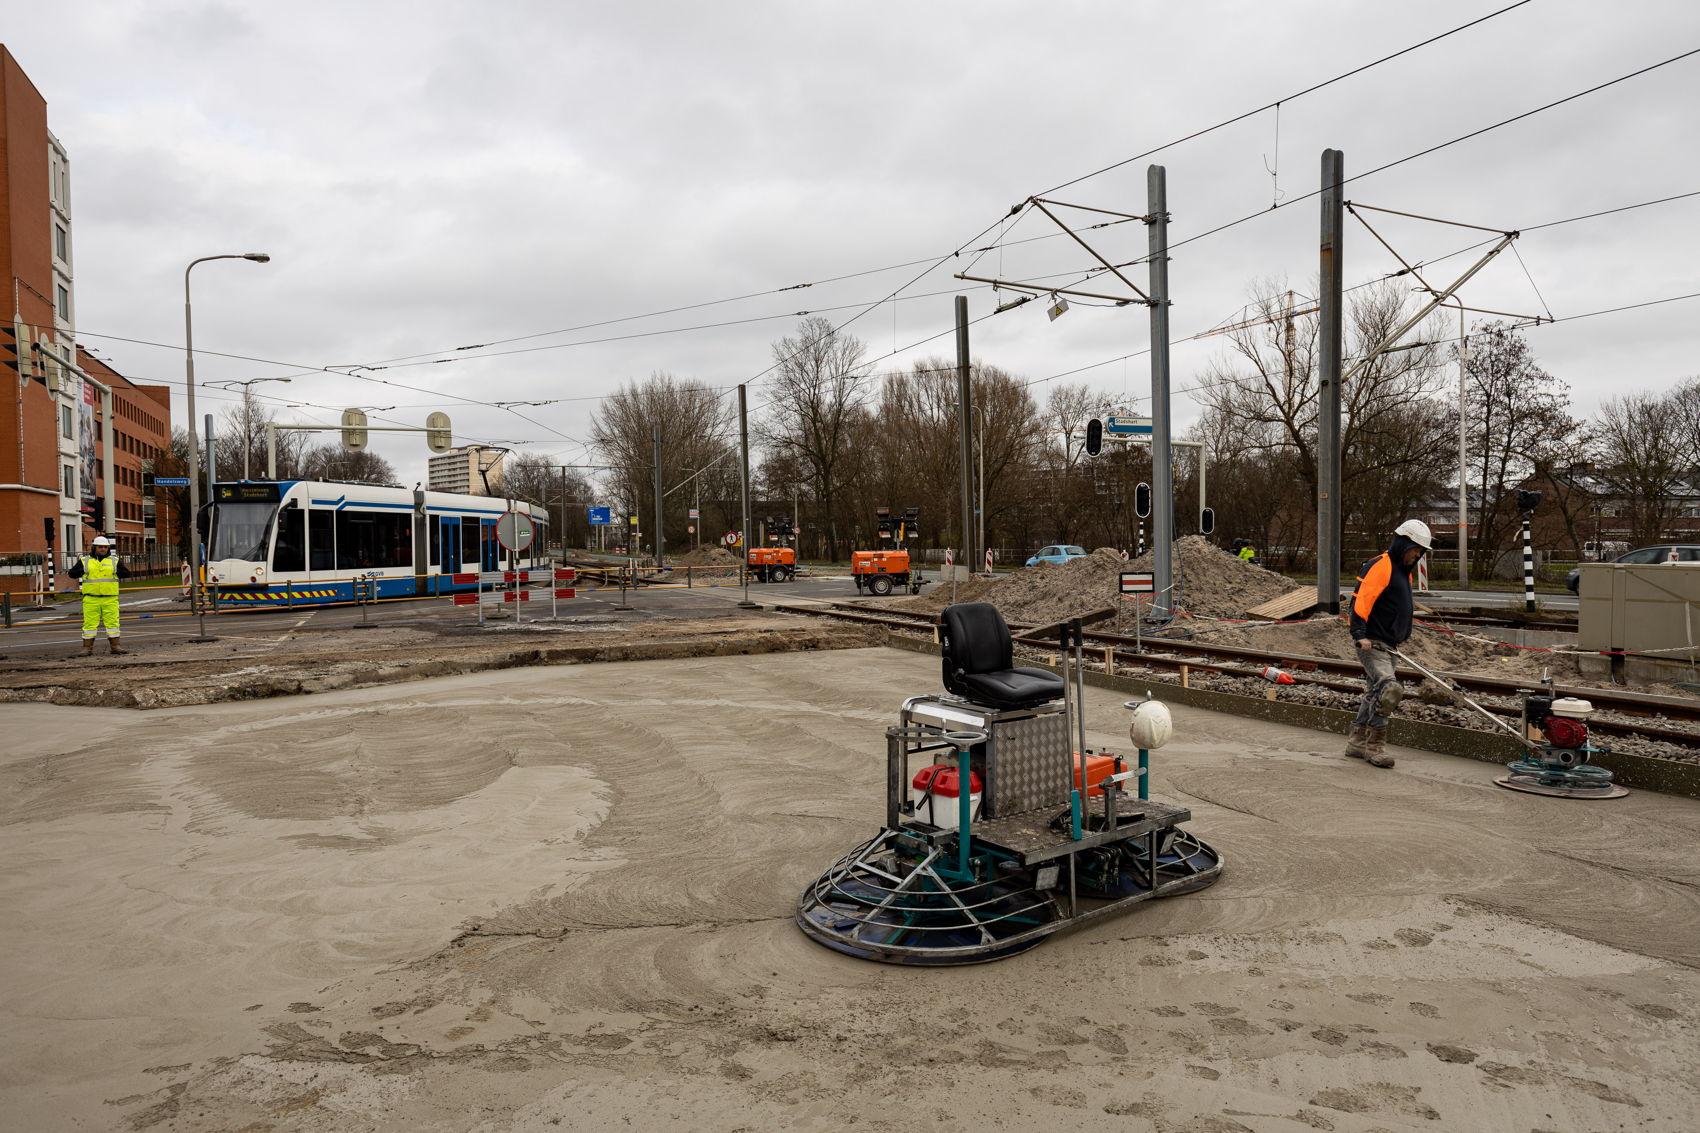 Voor de nieuwe spoorboog is een deel van de Handelsweg/Beneluxbaan verwijderd. Daar is op zaterdag 15 februari een nieuwe betonnen onderlaag gestort.